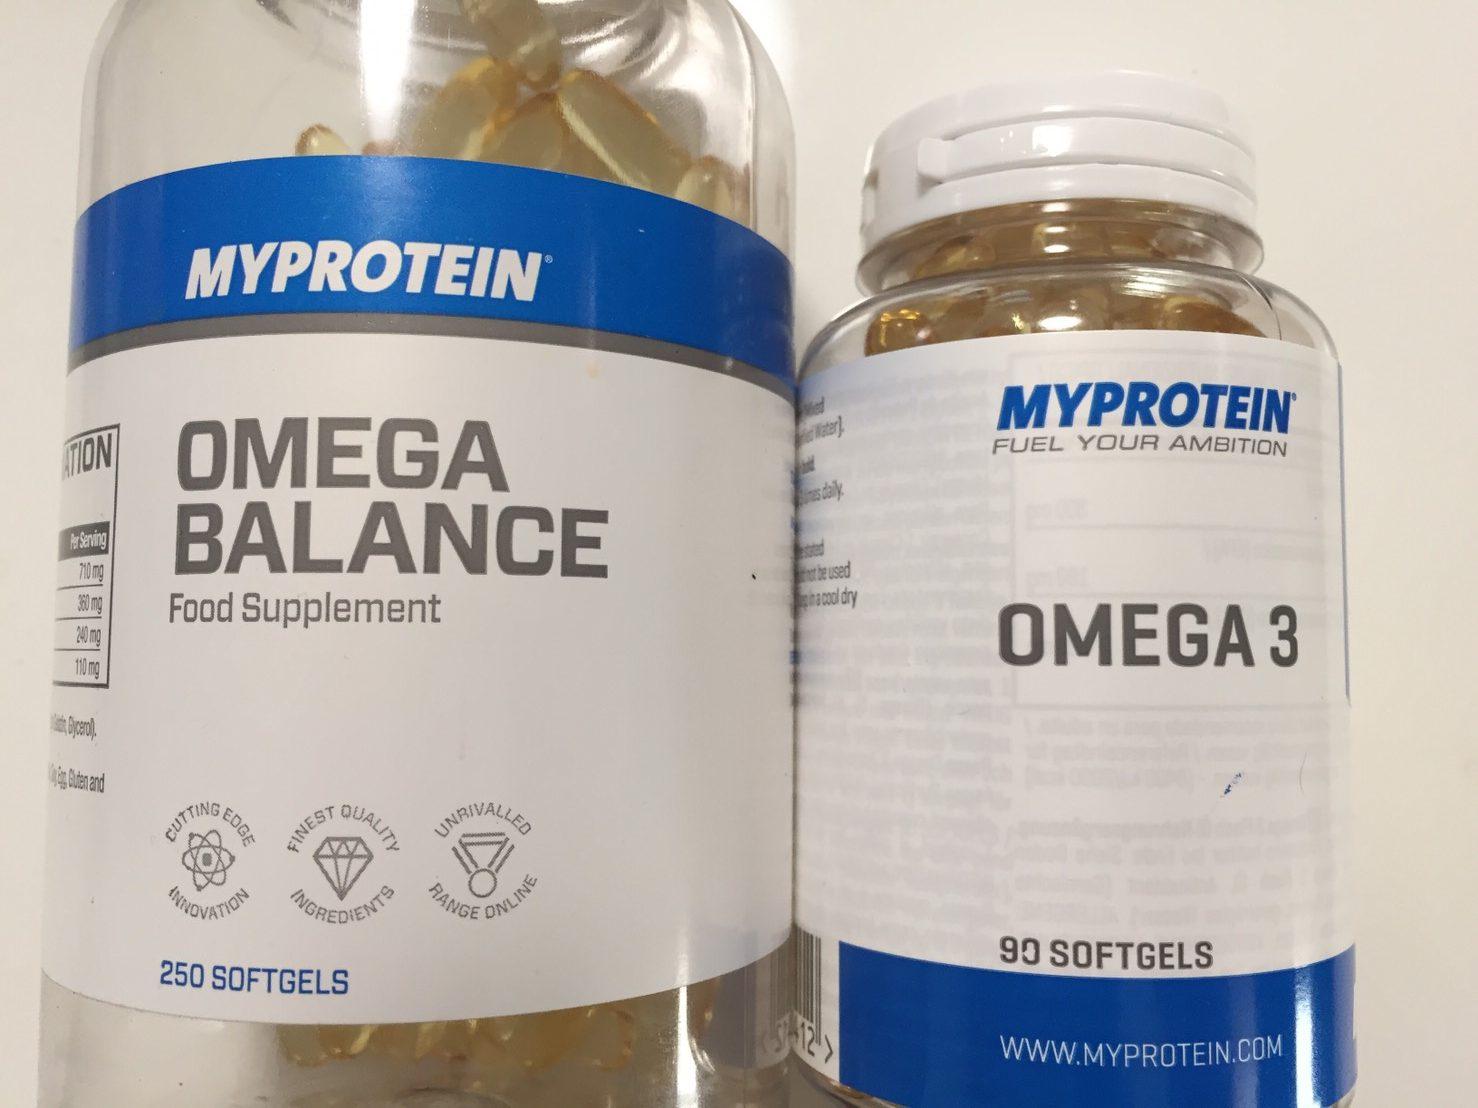 オメガ3とオメガ・バランスの違い